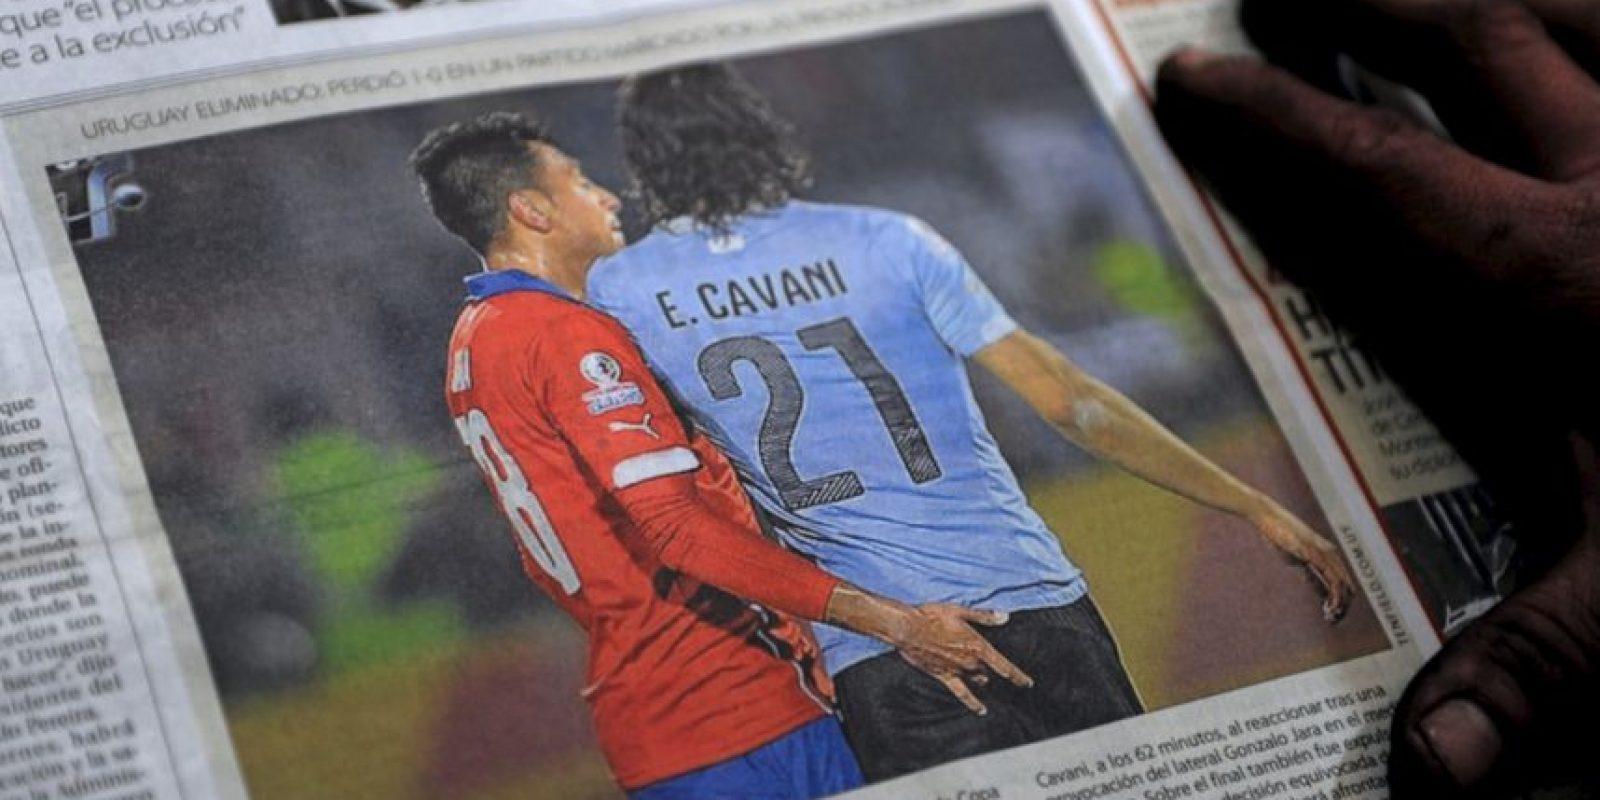 El defensa chileno tuvo este polémico gesto durante el Chile vs. Uruguay de cuartos de final de la Copa América, por lo que Cavani, molesto, respondió con una cachetada que provocó su expulsión. Foto:AFP. Imagen Por: